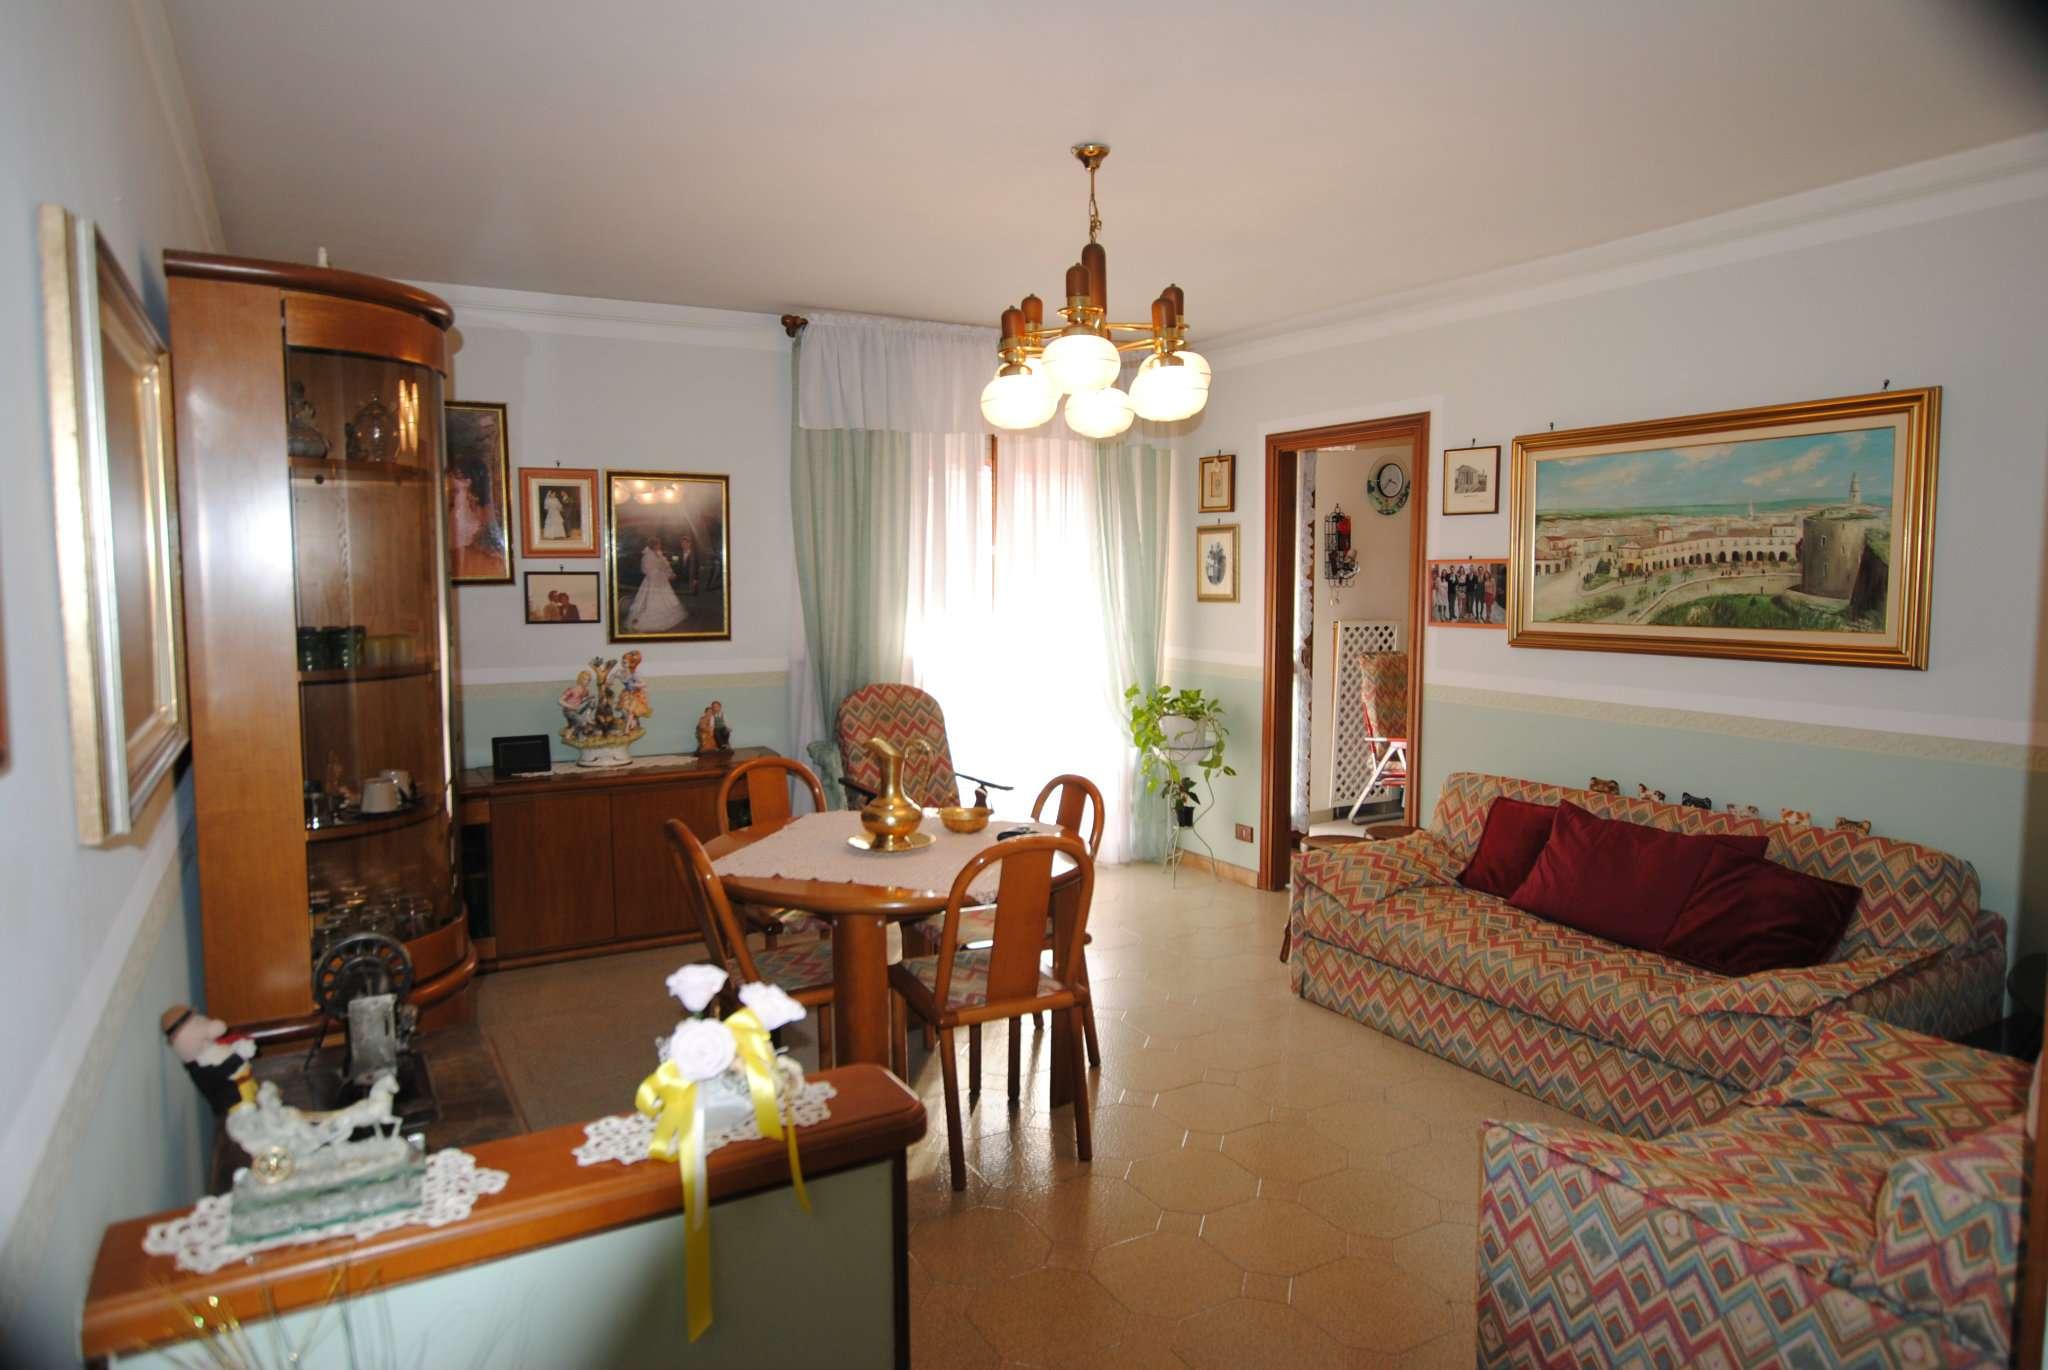 Appartamento in vendita a Avigliana, 4 locali, prezzo € 148.000 | Cambio Casa.it